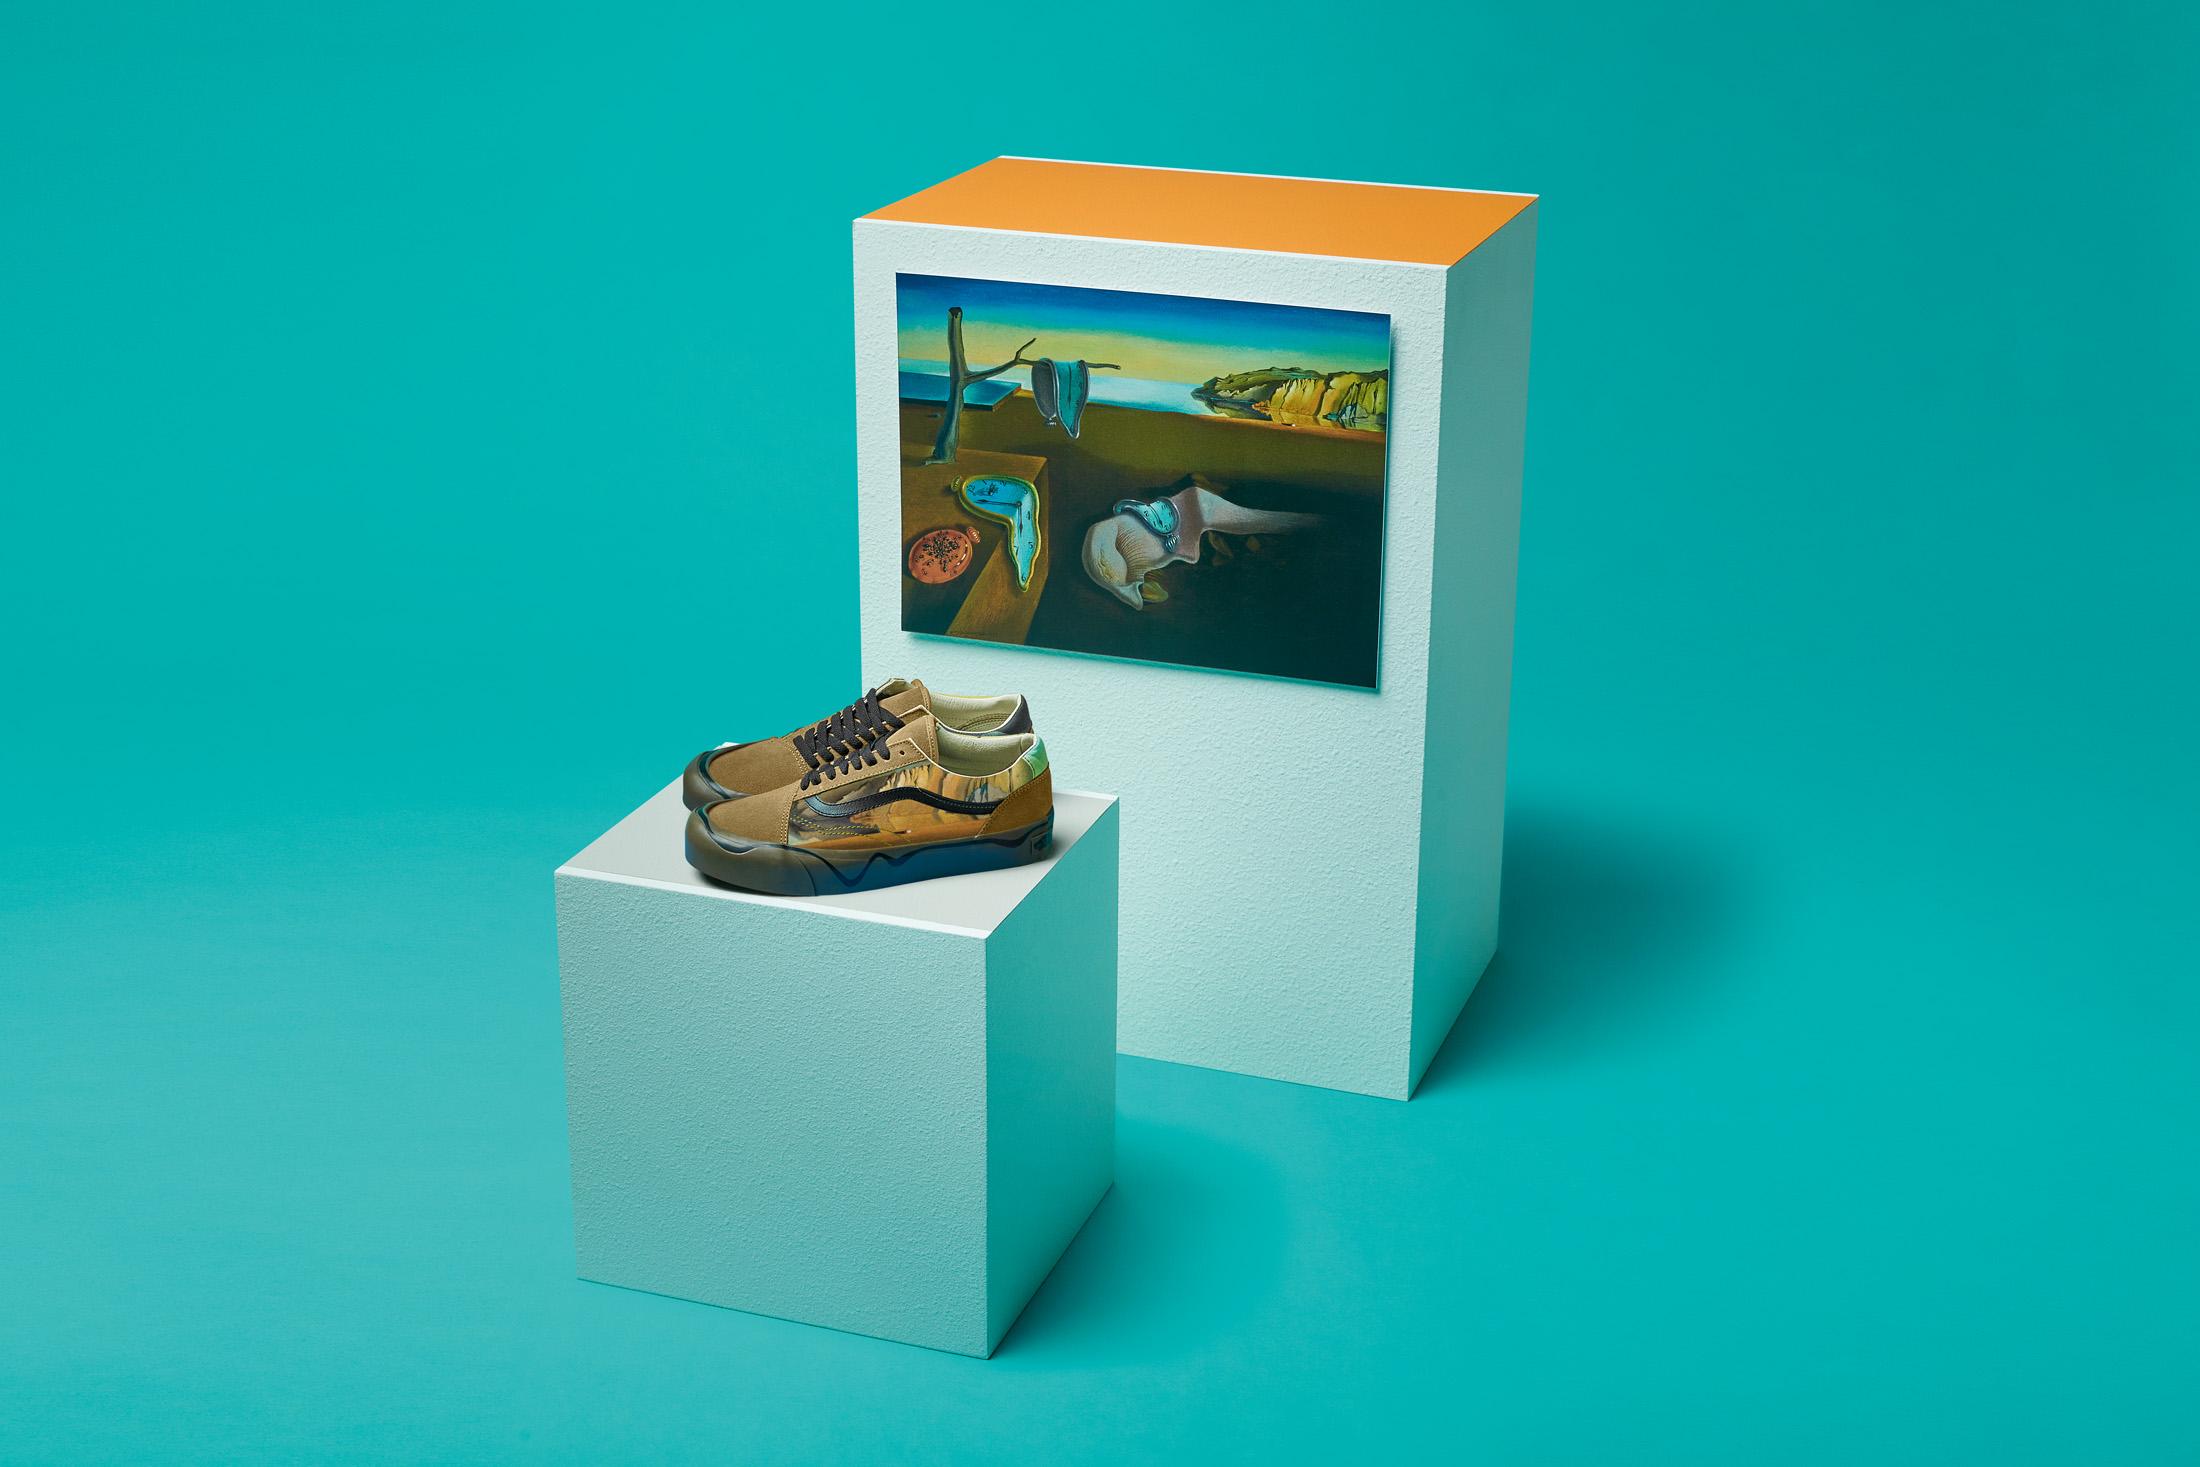 Vans y el MoMA se unen en una colección arty en honor a los artistas más universales del museo